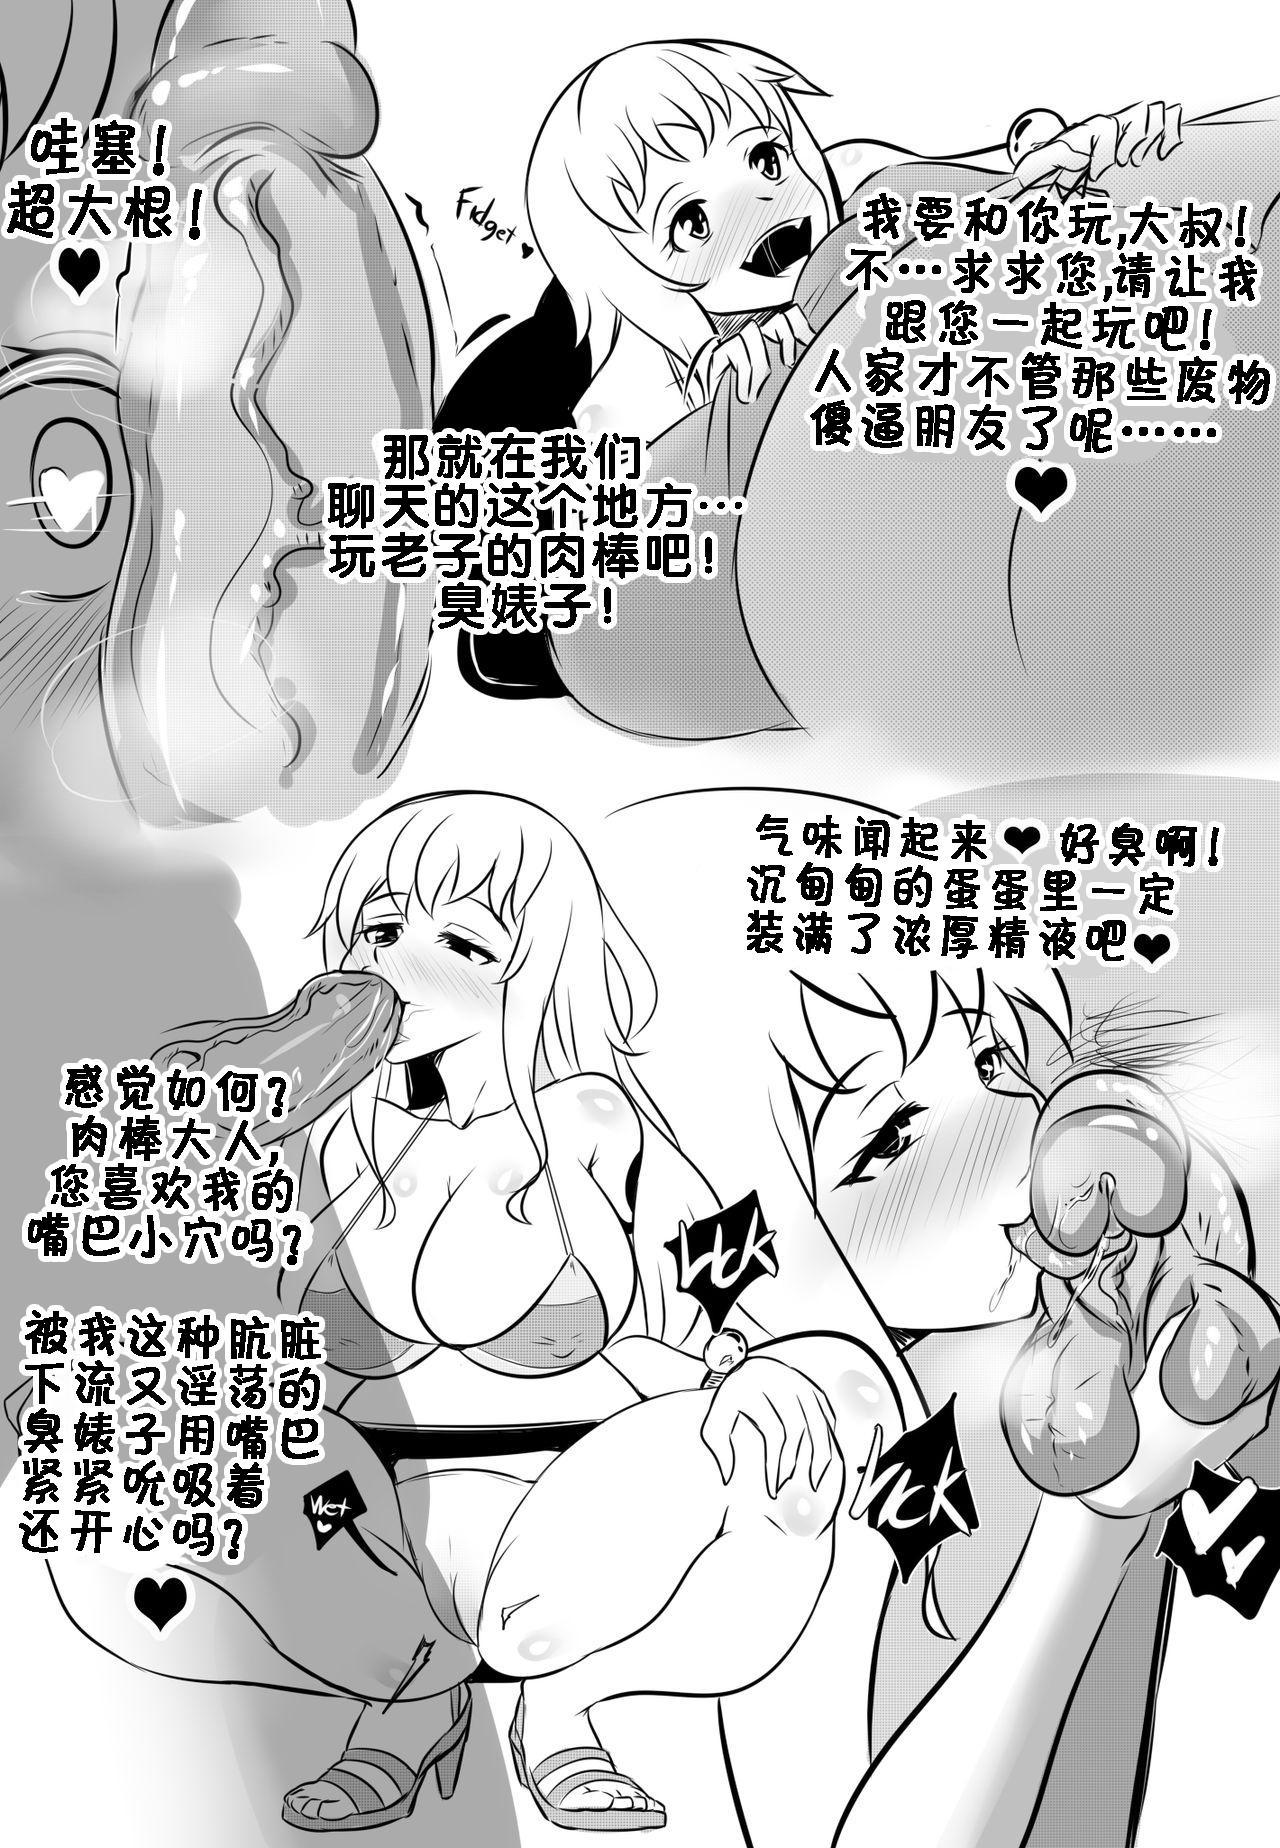 Wenching 3 Nami Uncensored 4